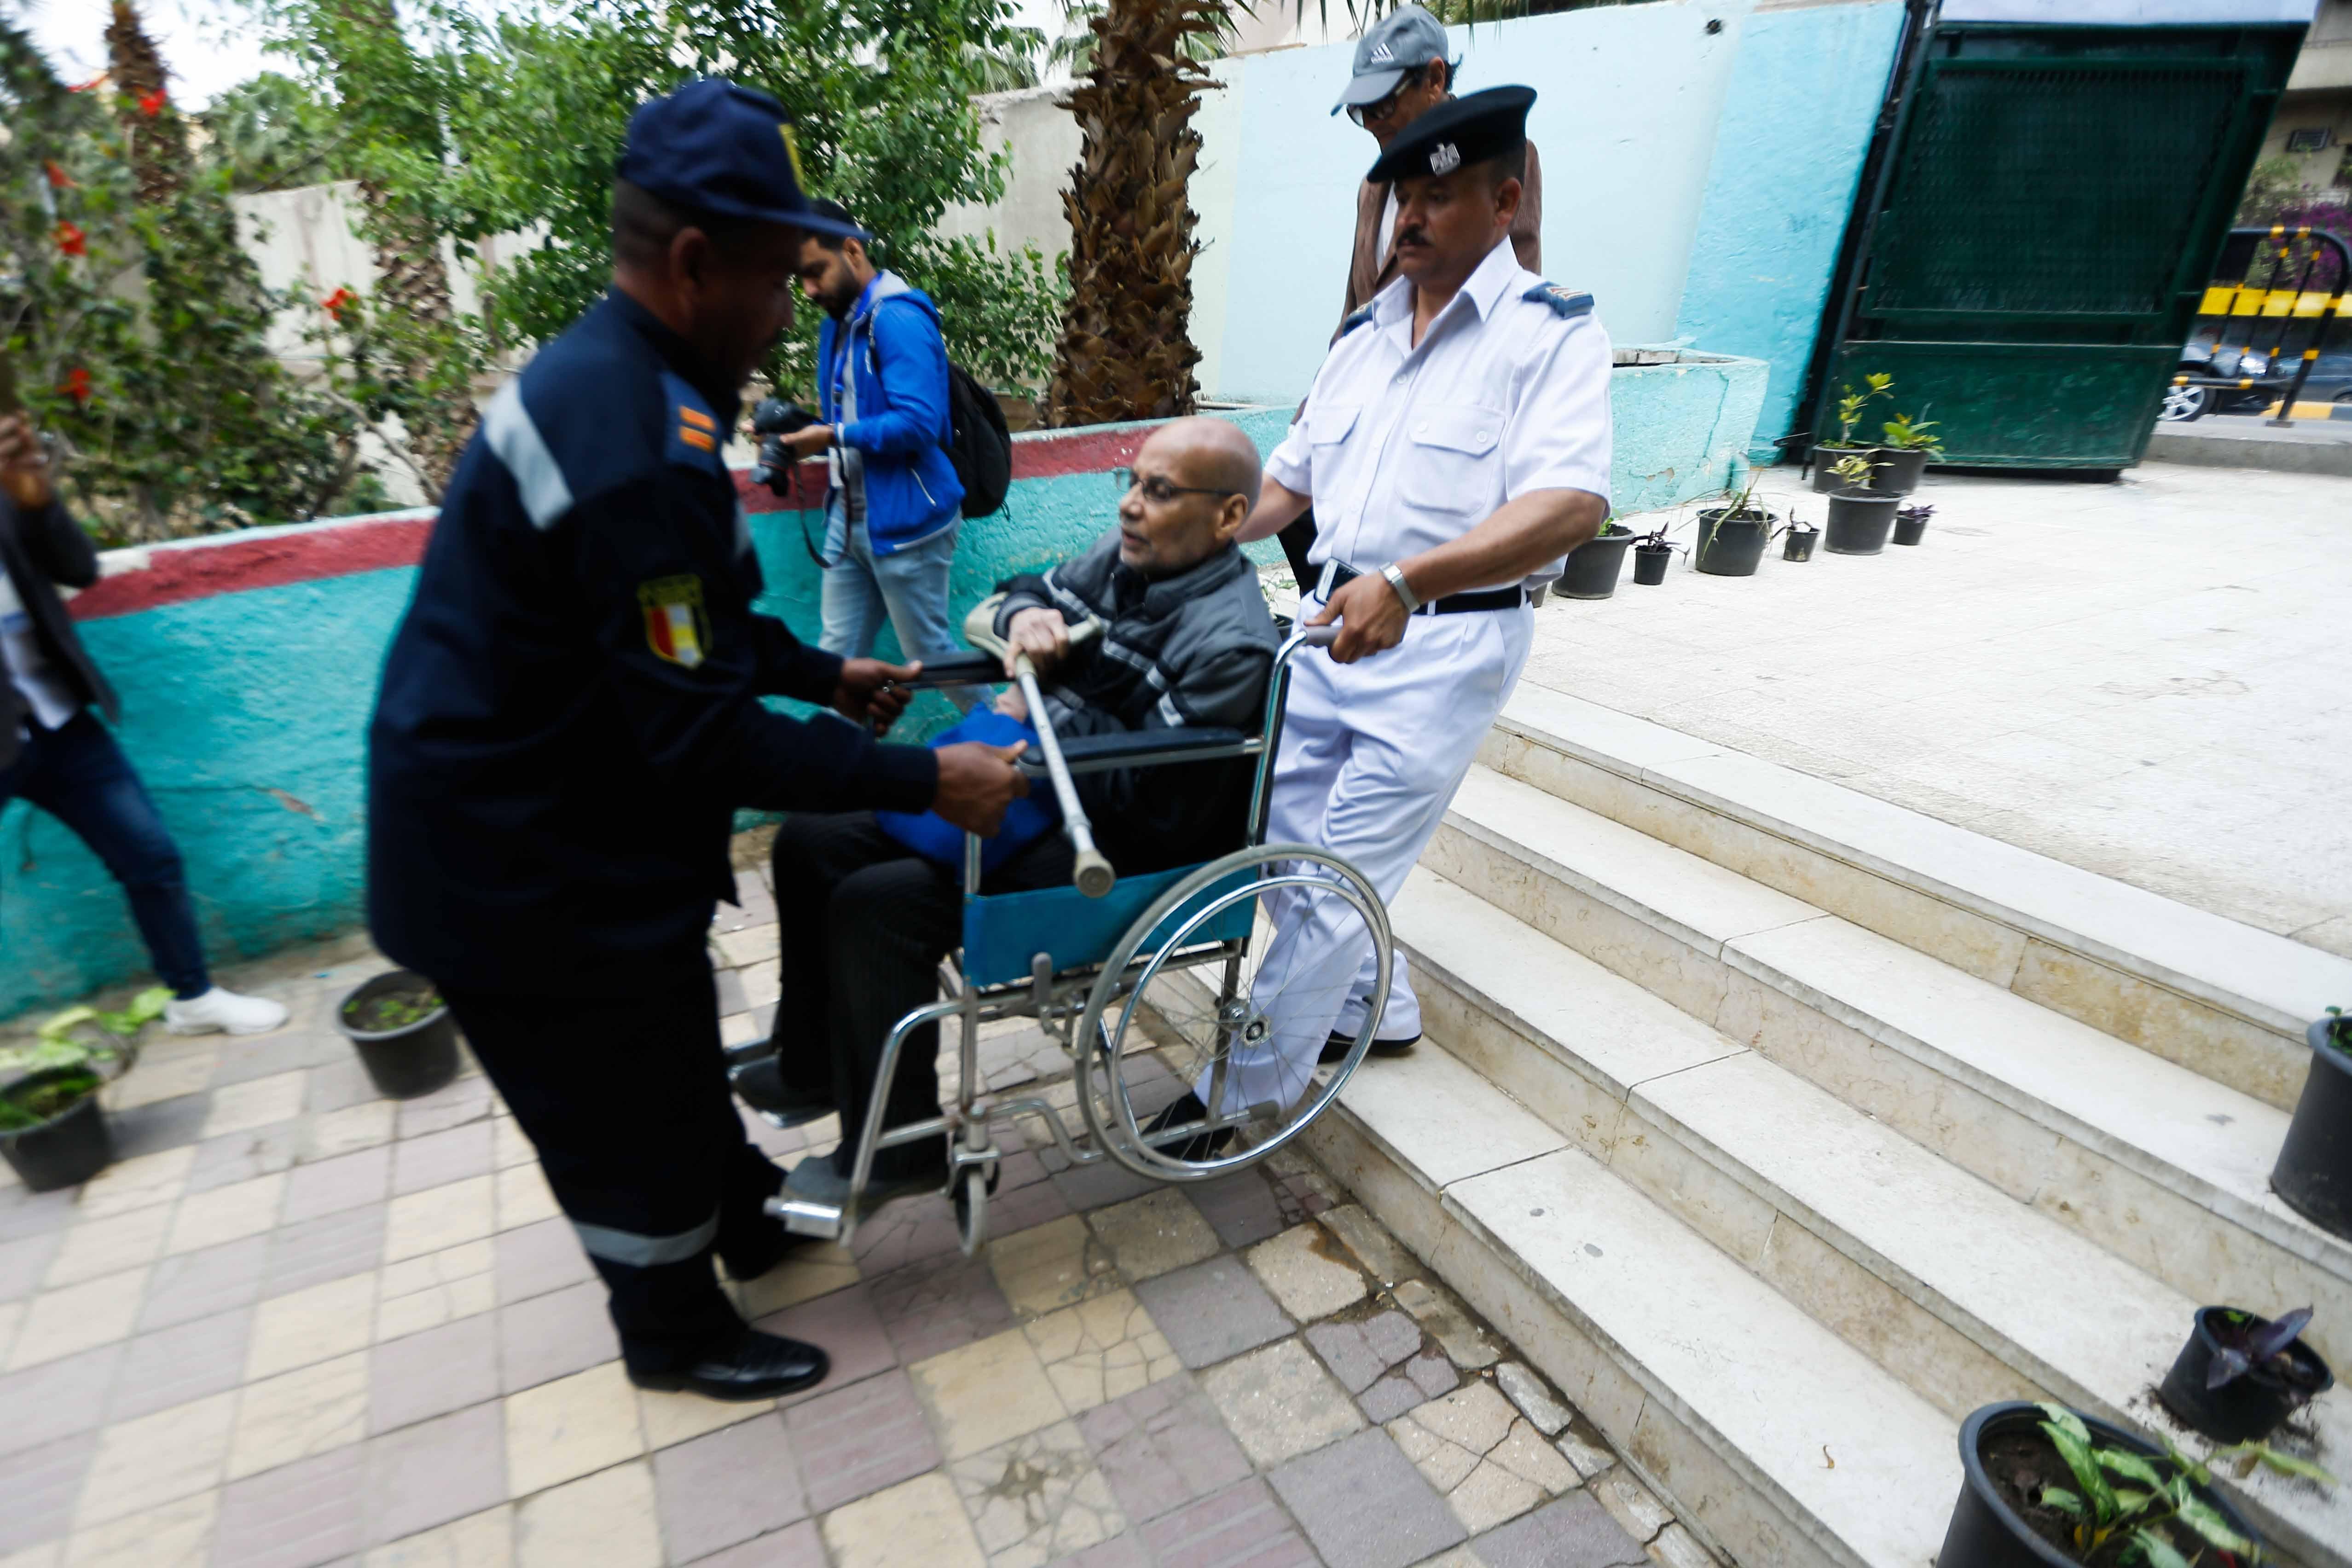 المسن يحرص على التصويت بالتعديلات الدستورية على كرسي متحرك2